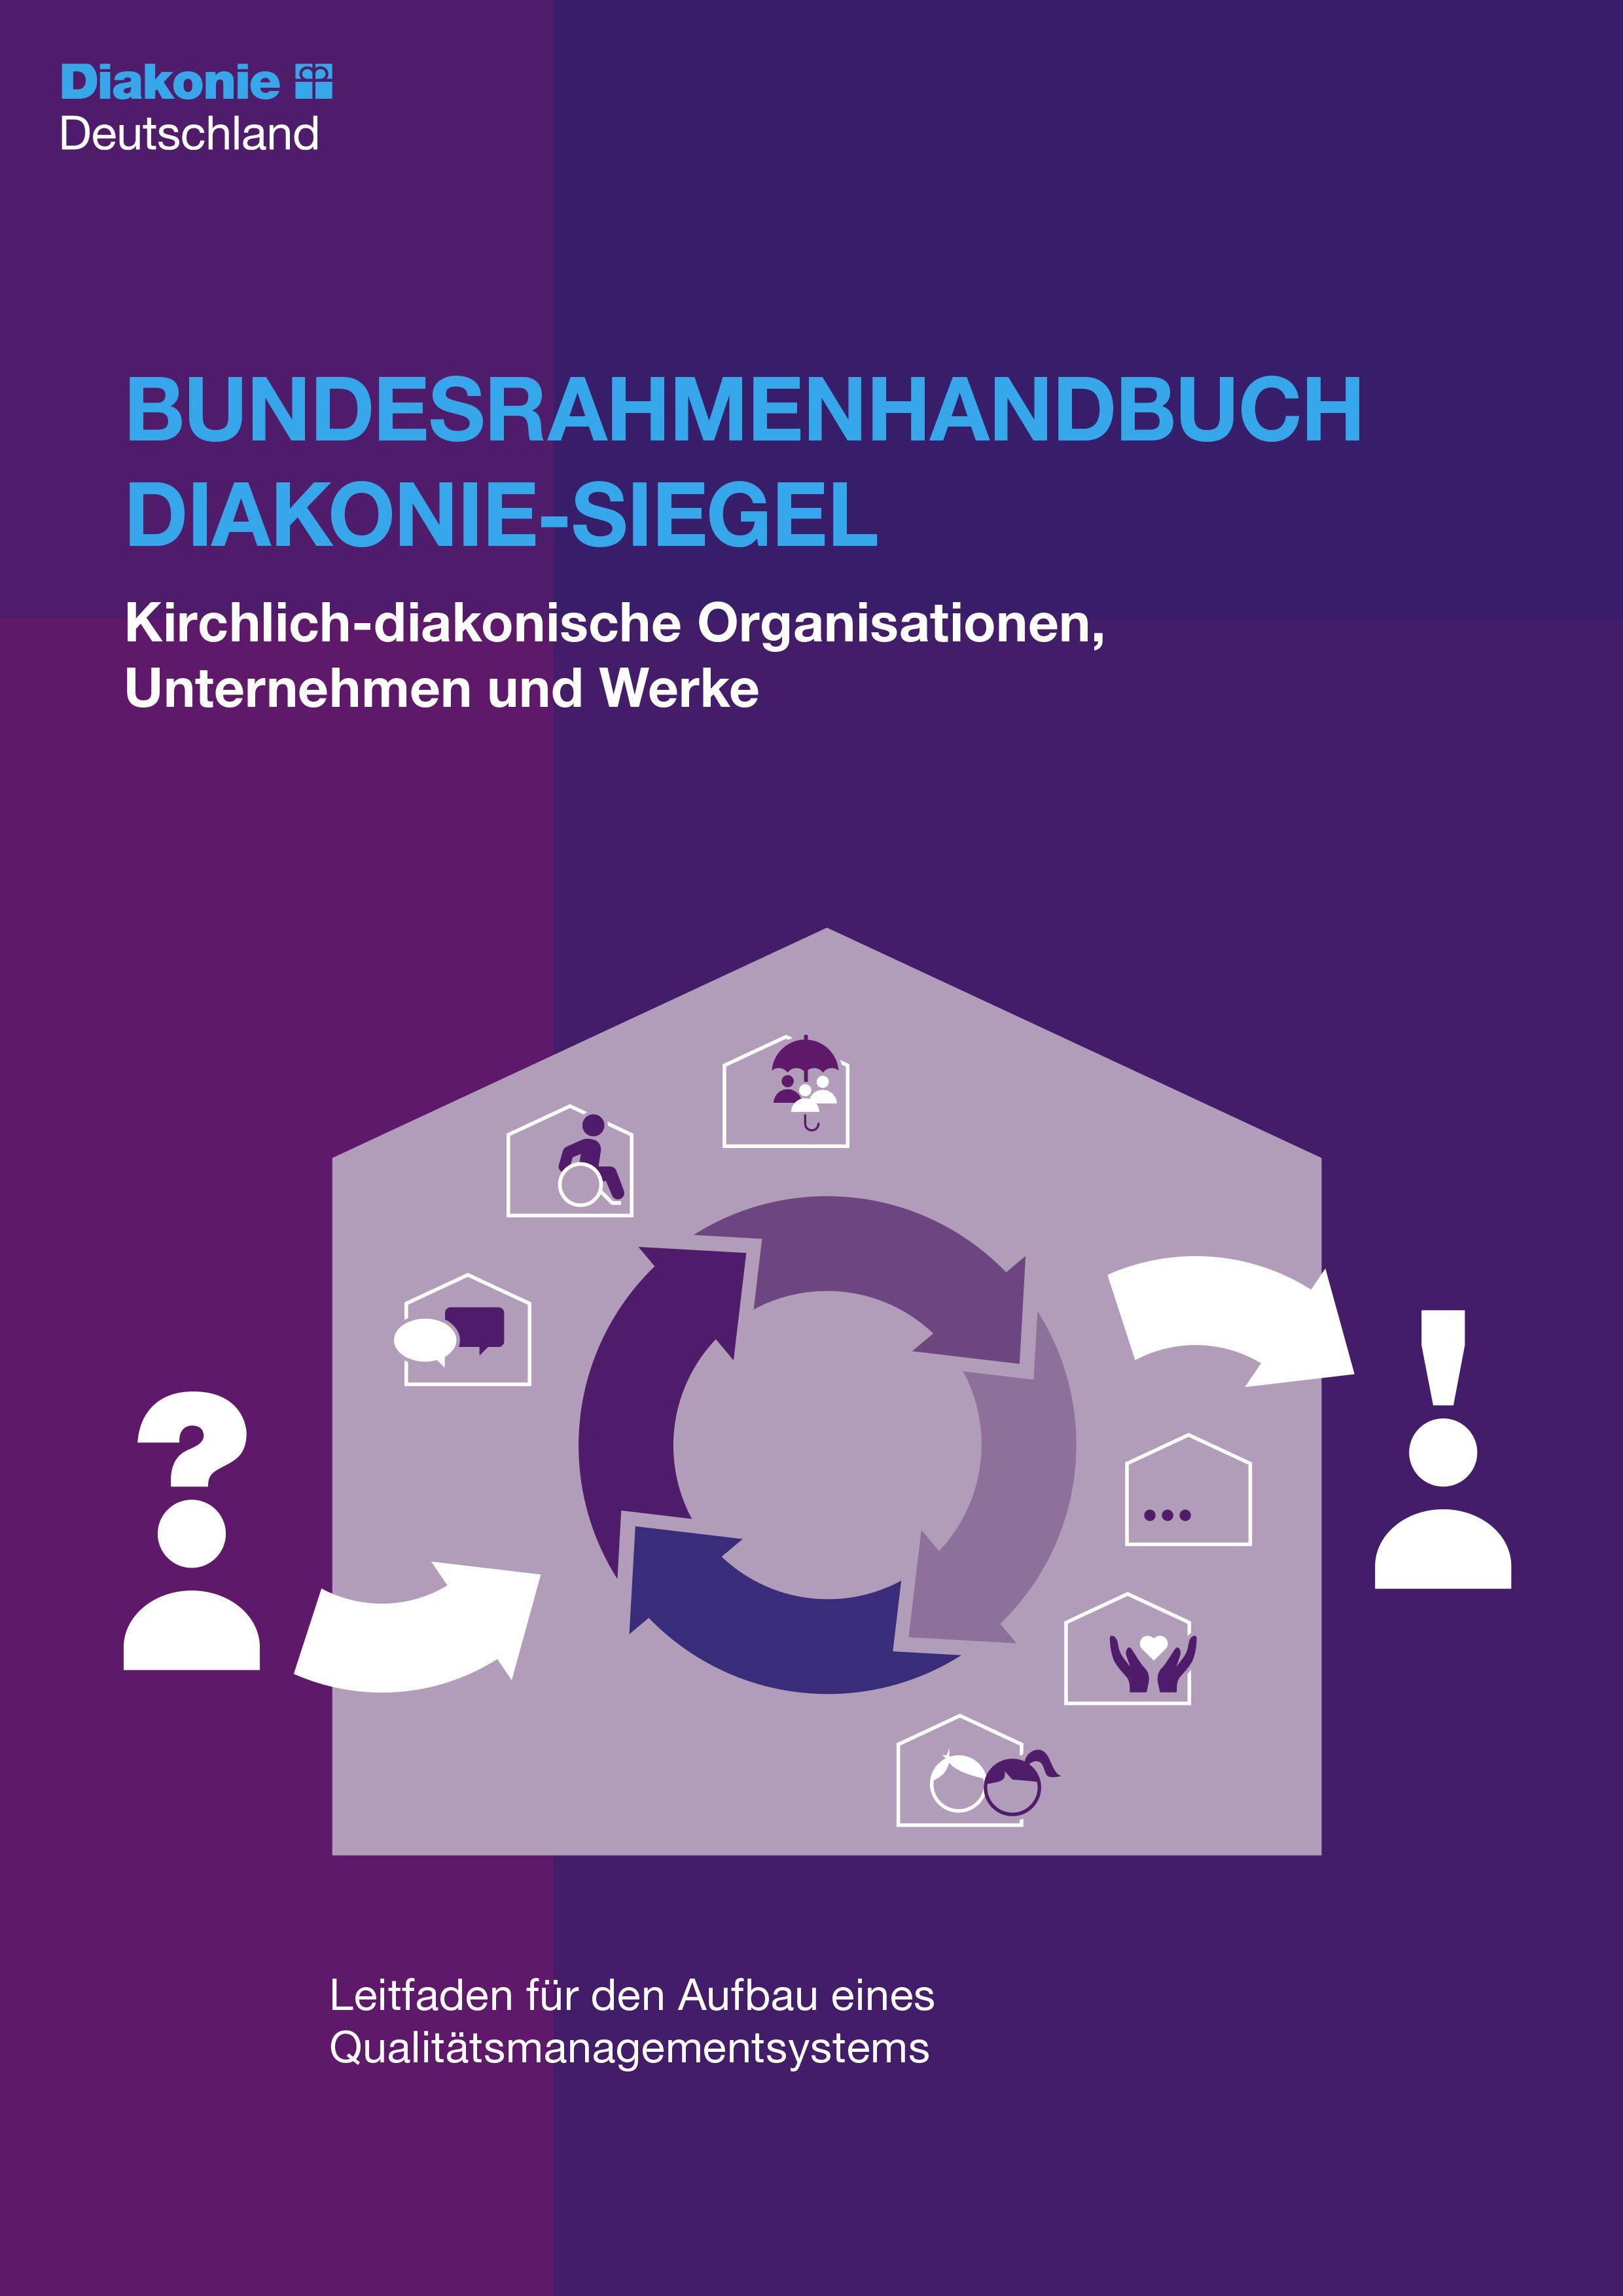 Kirchlich-diakonische Organisationen, Unternehmen und Werke  - Bundesrahmenhandbuch Diakonie-Siegel